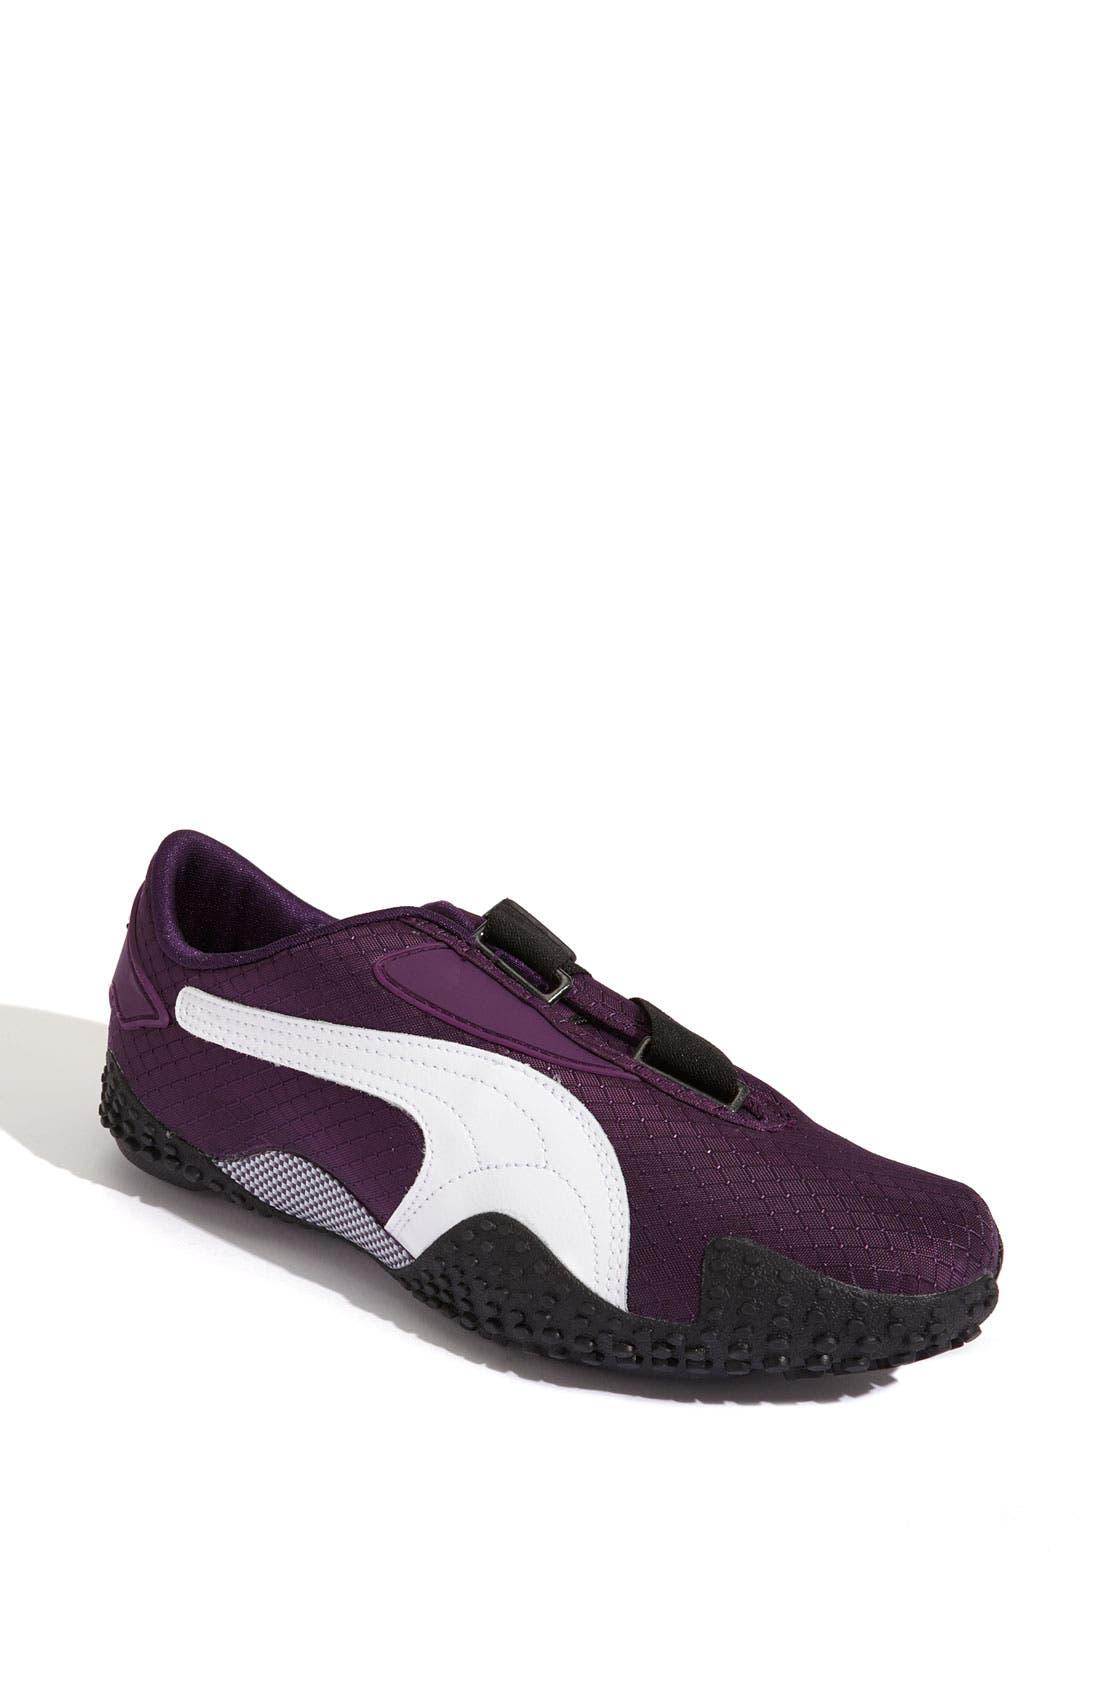 Main Image - PUMA 'Mostro Ripstop 2' Sneaker (Women)